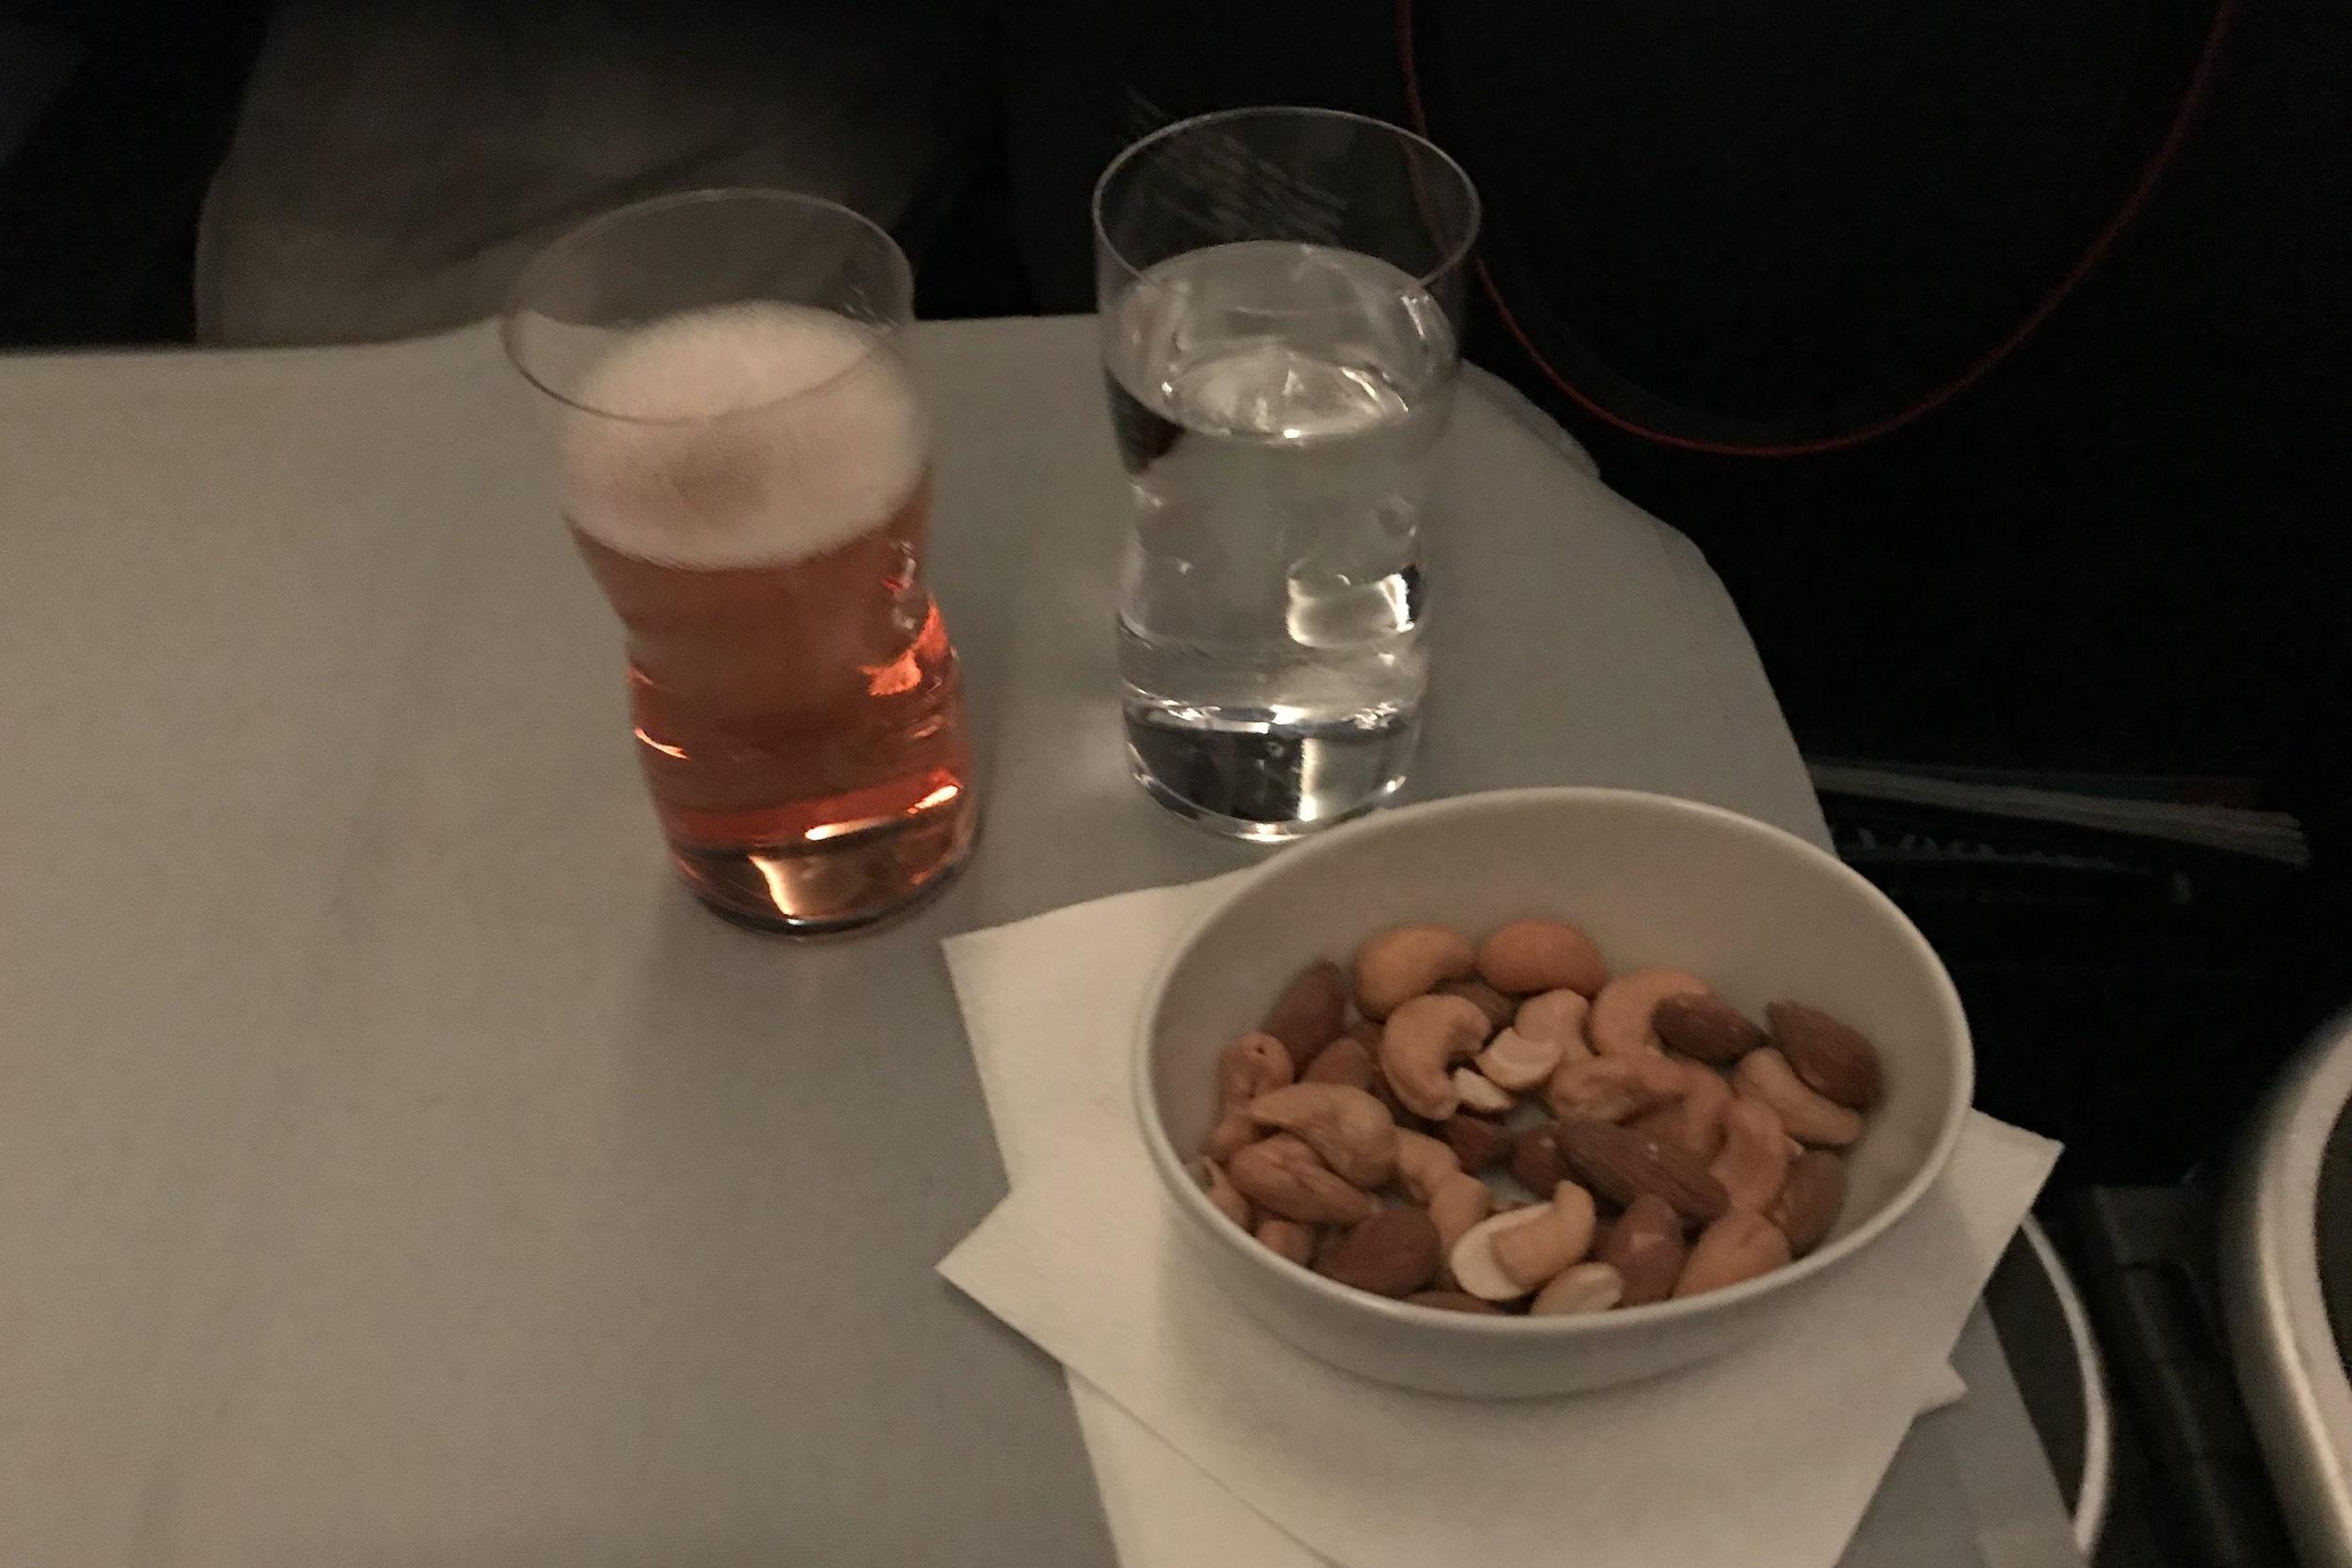 SAS business class – Rosé champagne